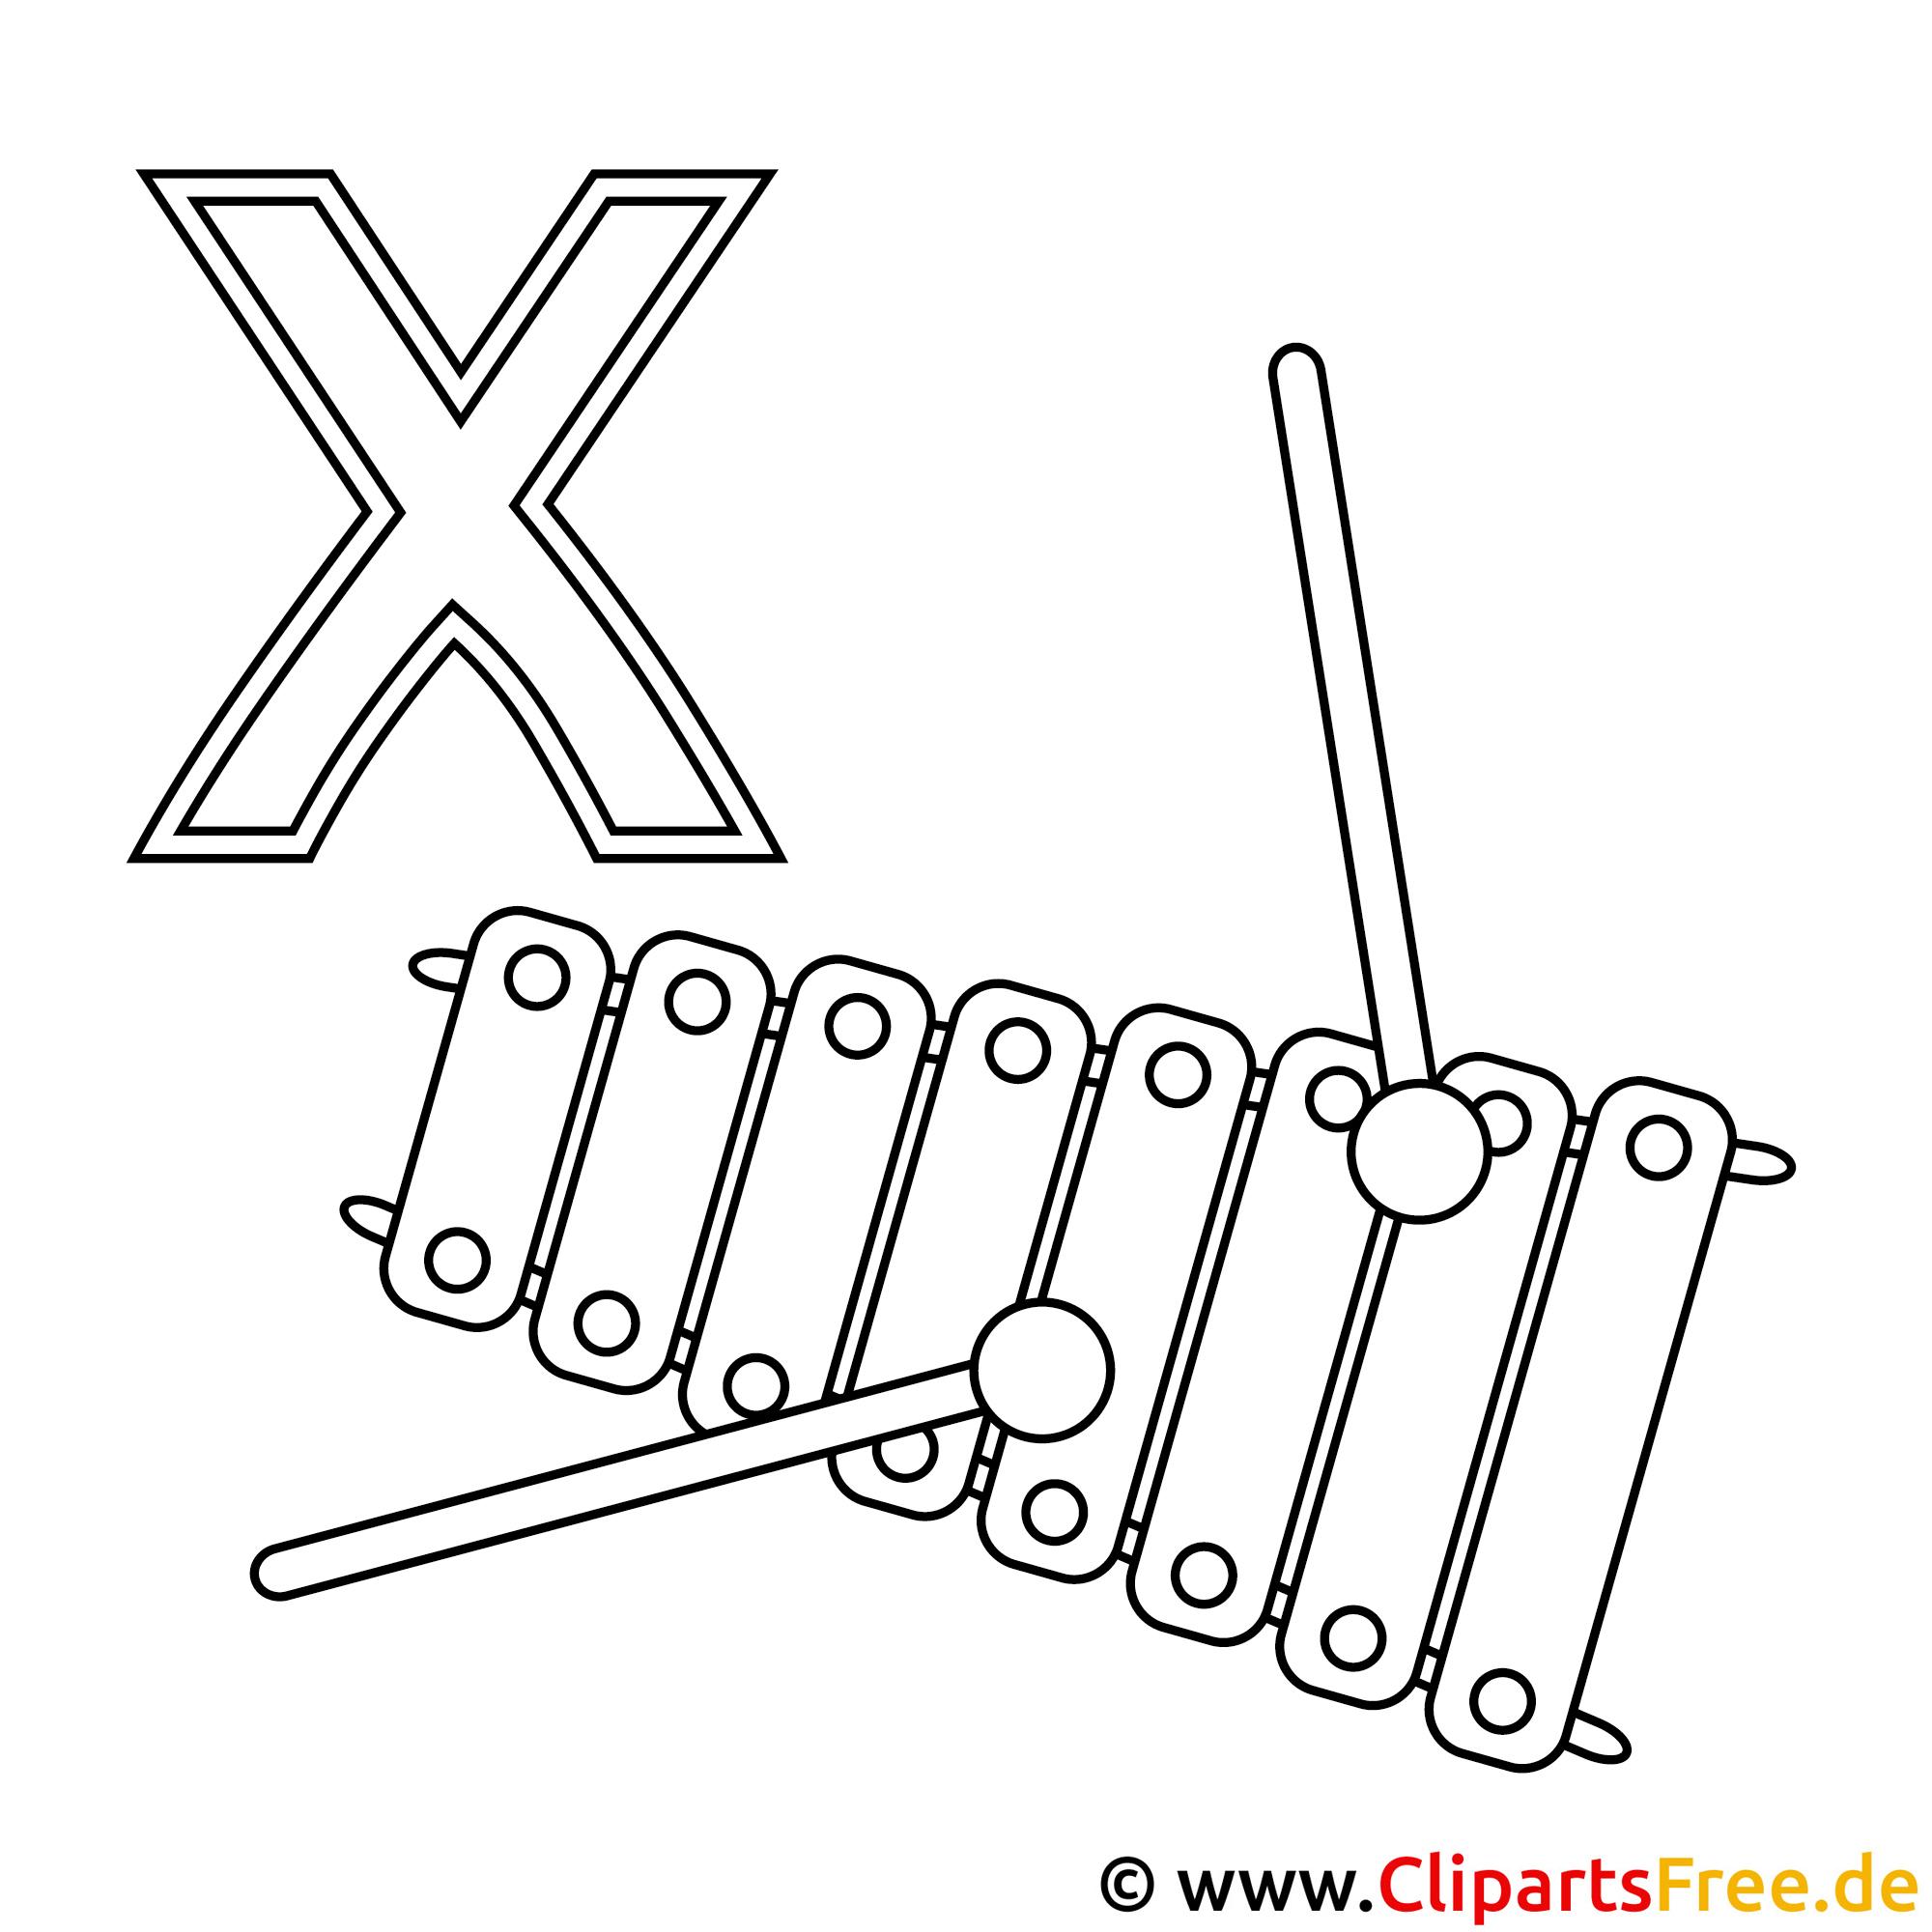 Xylophon Ausmalbild Bilder Zum Ausmalen